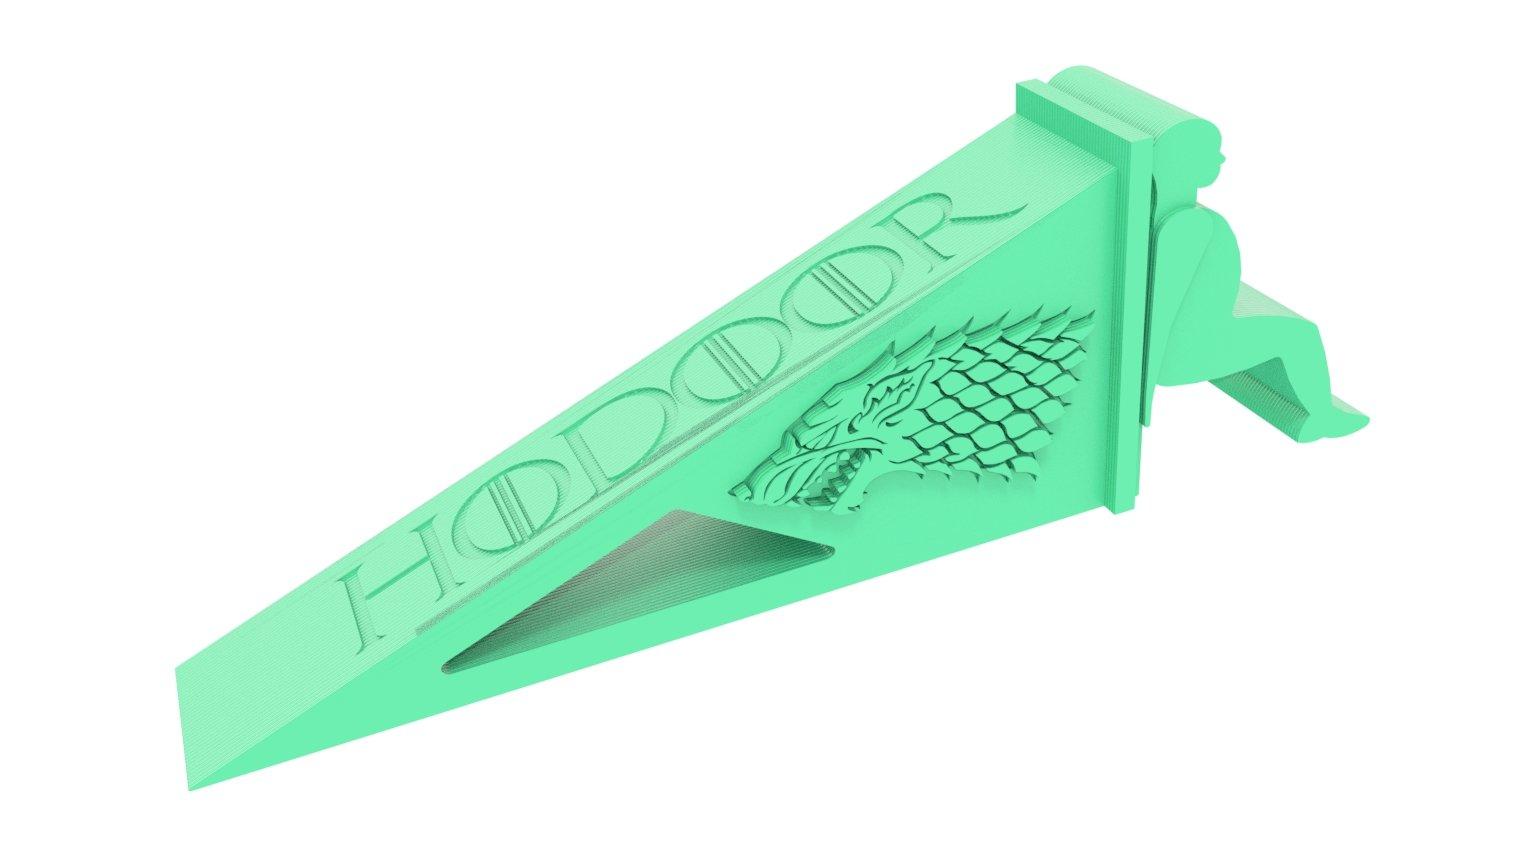 3D Printed Novelty Hodoor Doorstop Door Stop - Inspired by Game of Thrones (Sea Green) Remember Hodor !